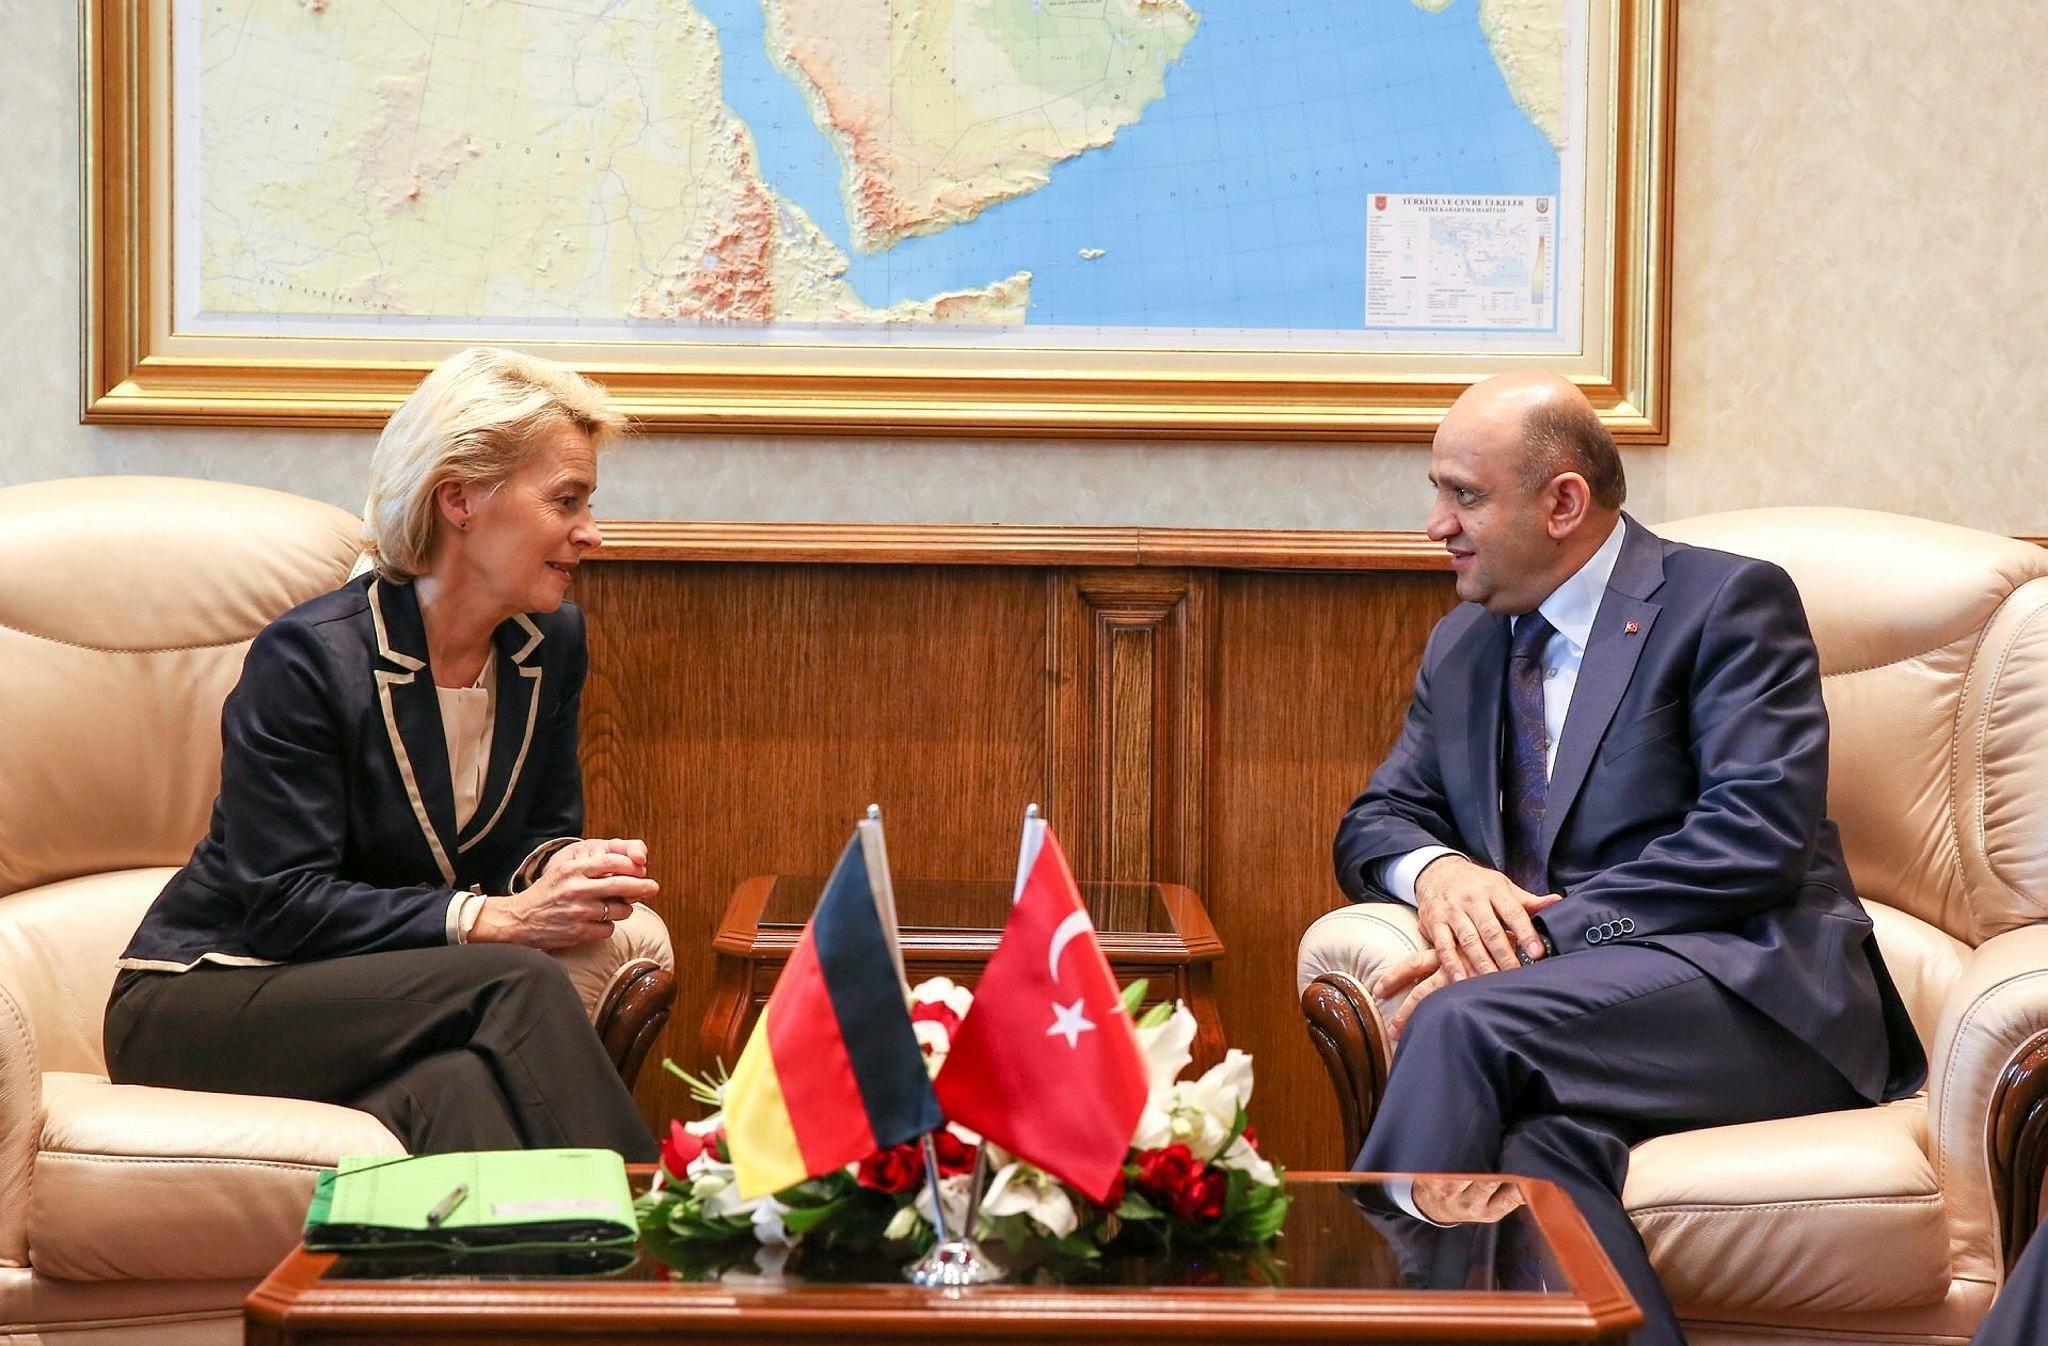 Turkish Defense Minister Fikri Isik (R) meets German Defense Minister Ursula von der Leyen (L) at Turkish Defense Ministry in Ankara, Turkey on July 1, 2016.  (AA Photo)